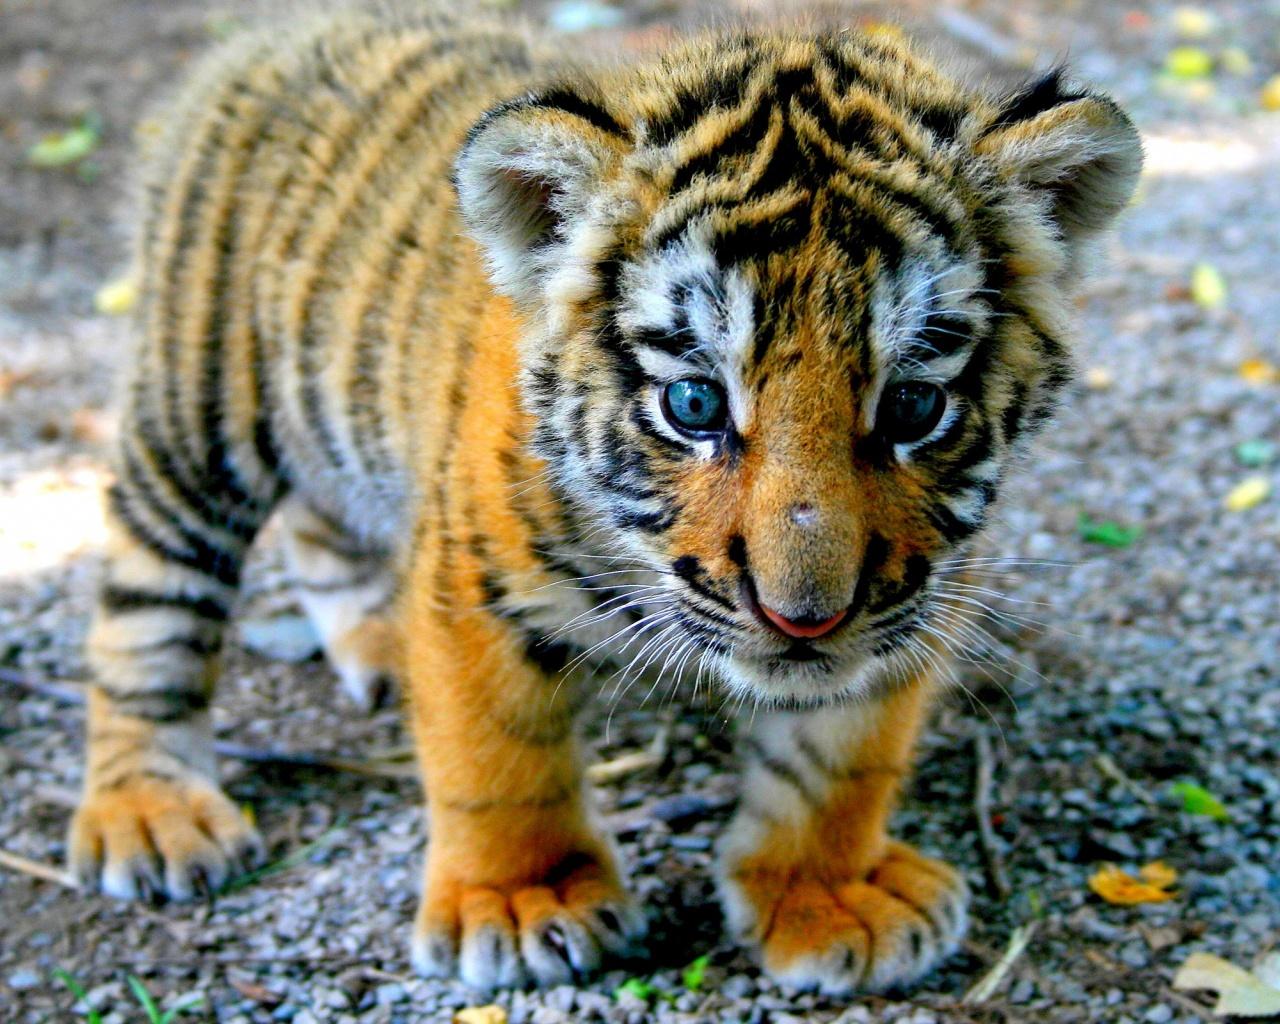 1280x1024 Cute Tiger Cub desktop PC and Mac wallpaper 1280x1024